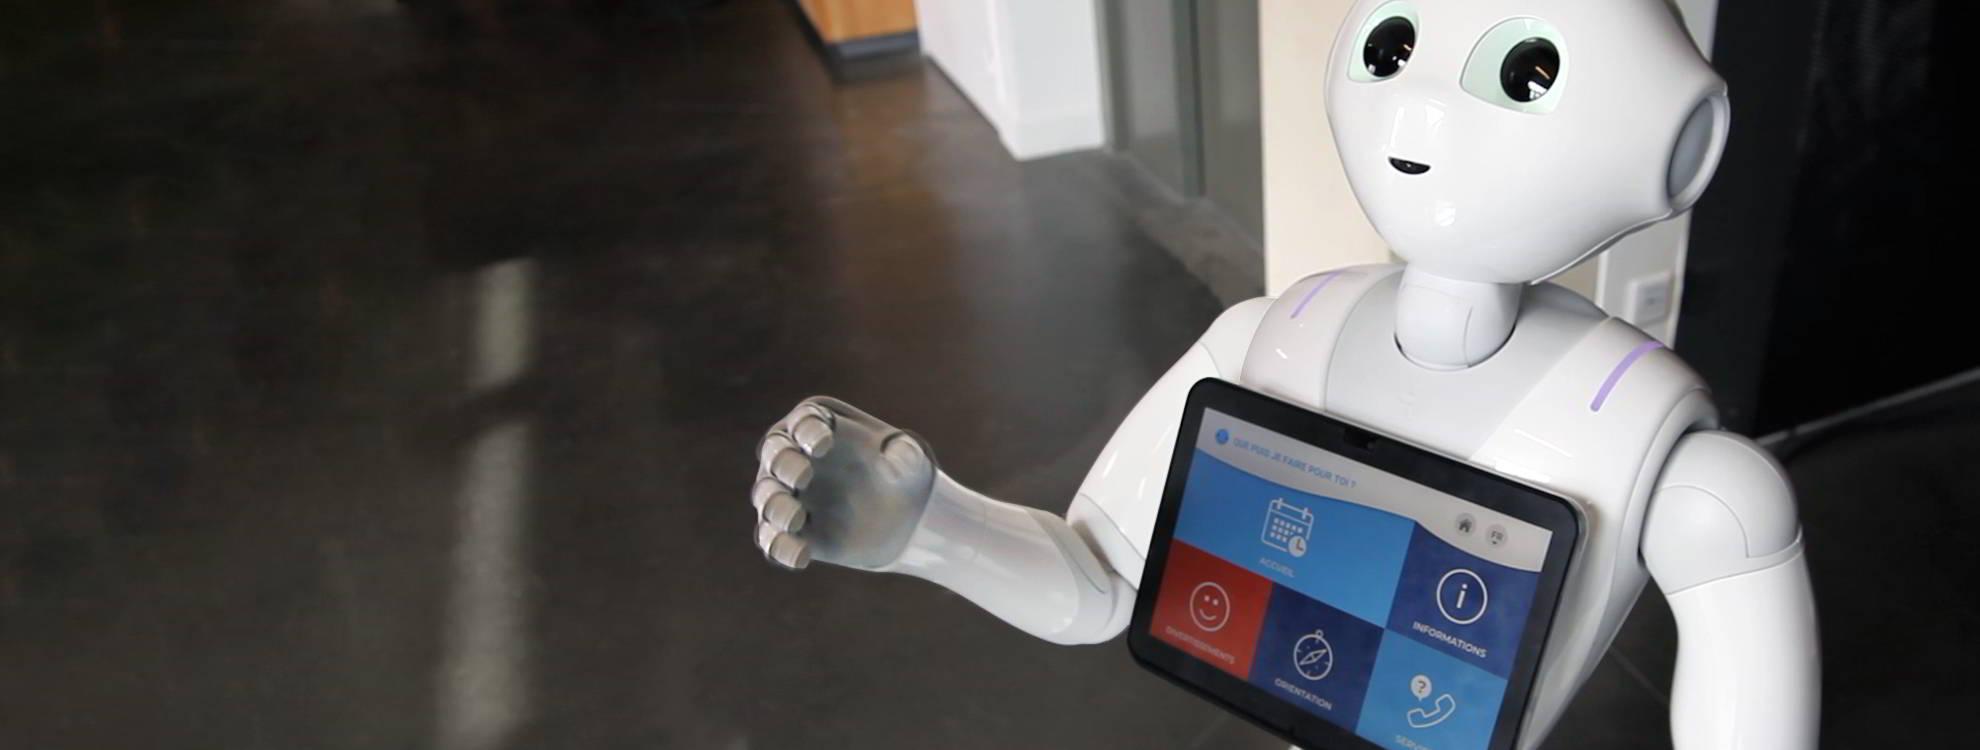 SMART Pepper App by Génération Robots